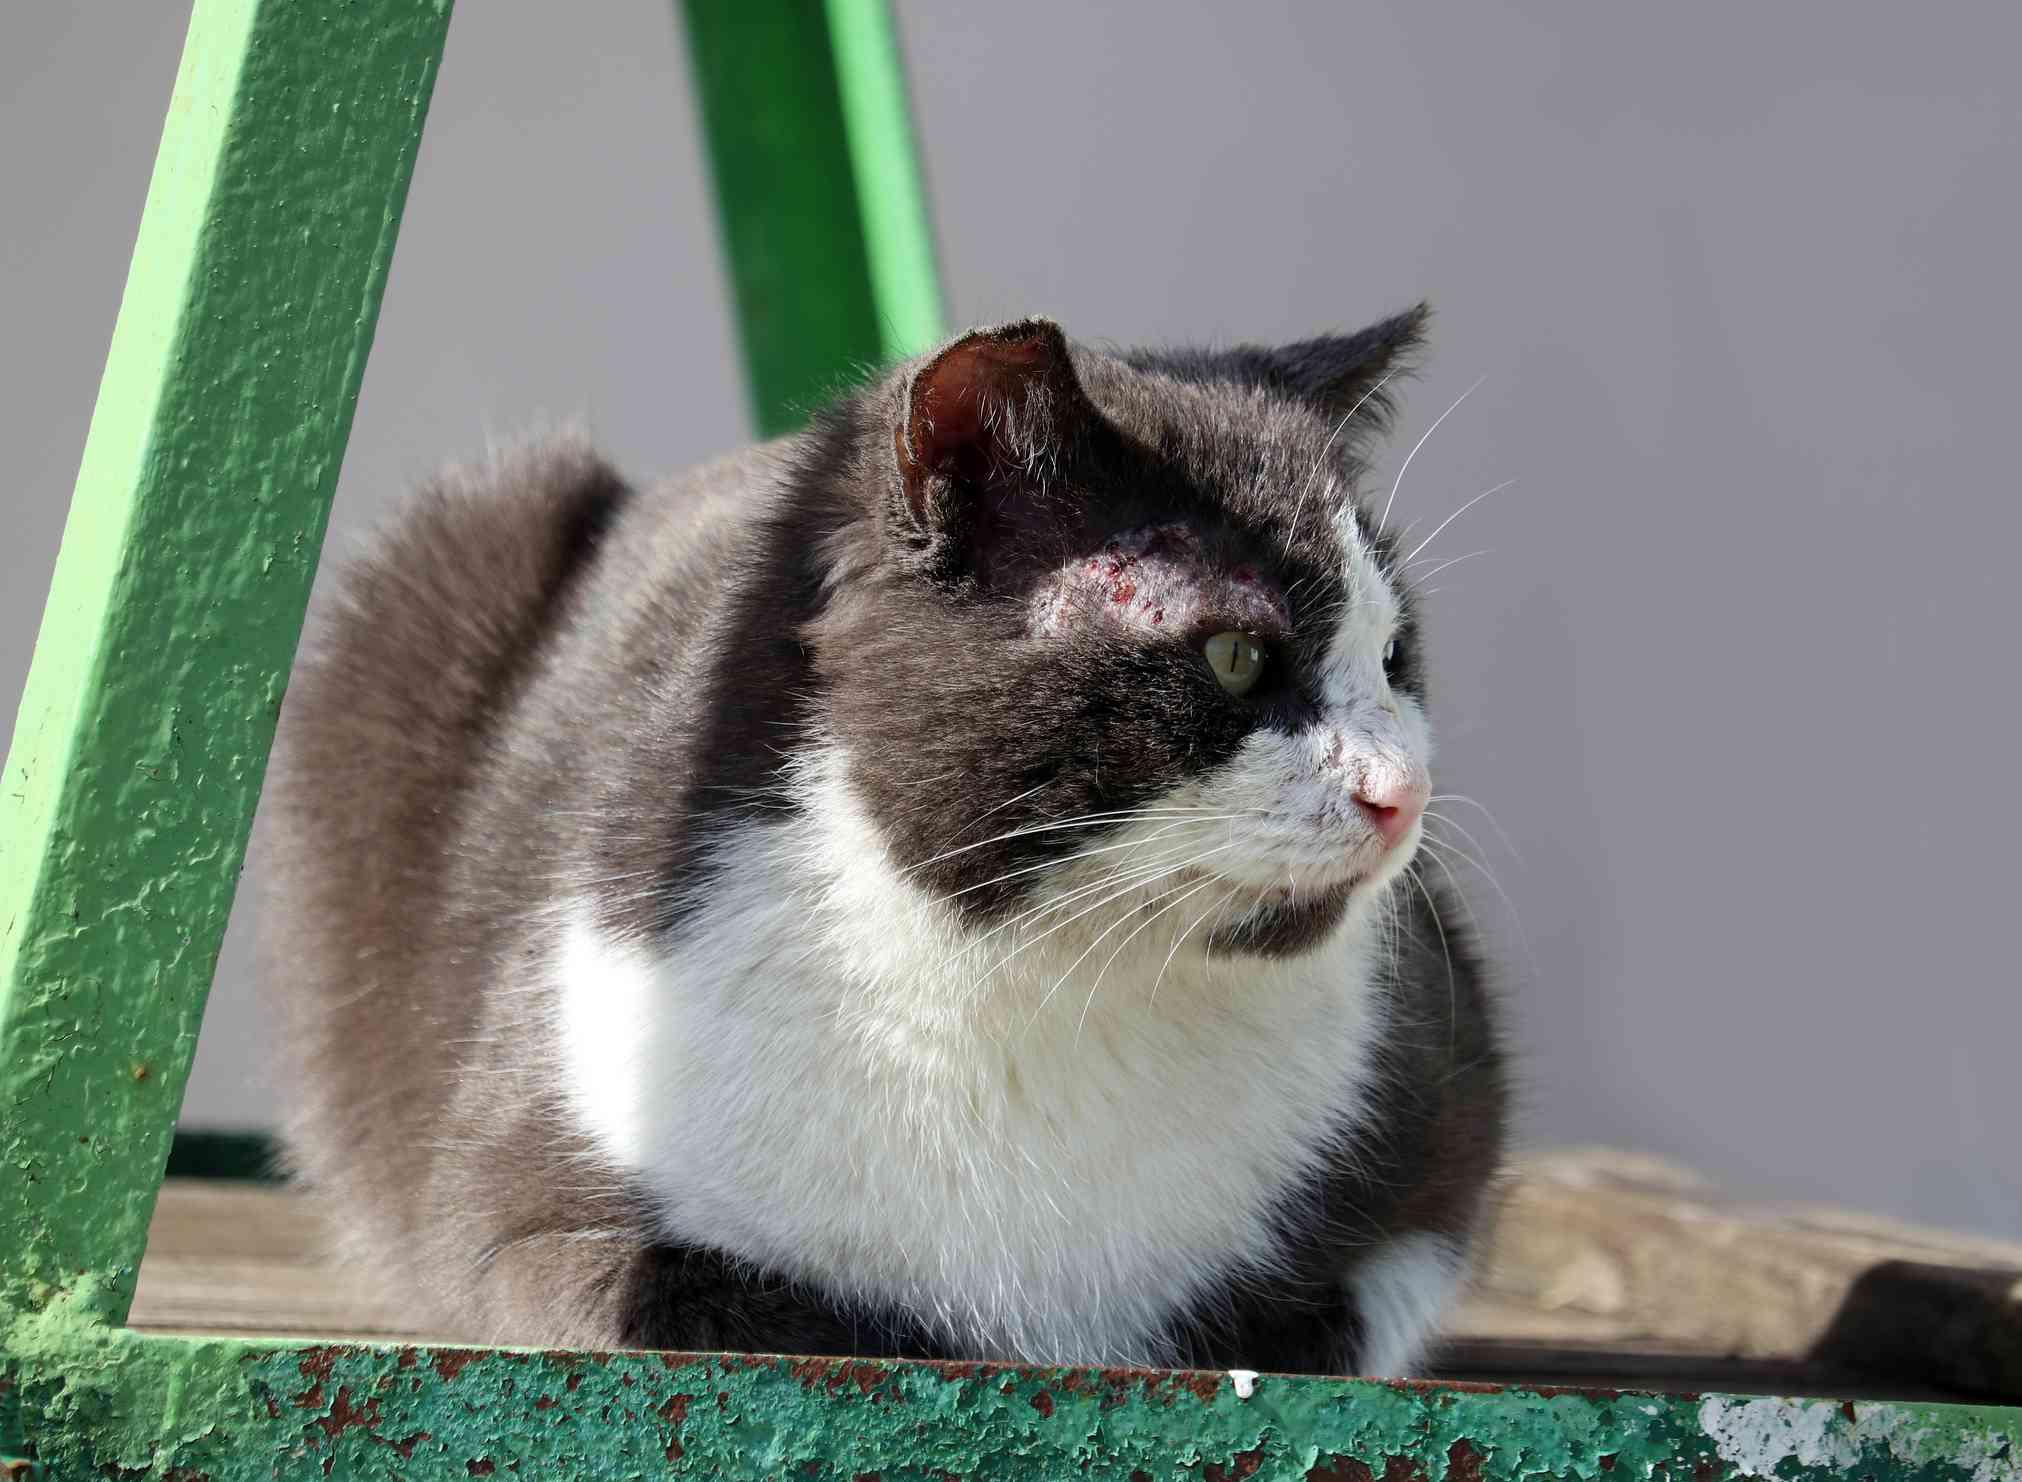 Gato blanco y negro con sarna en la cara.